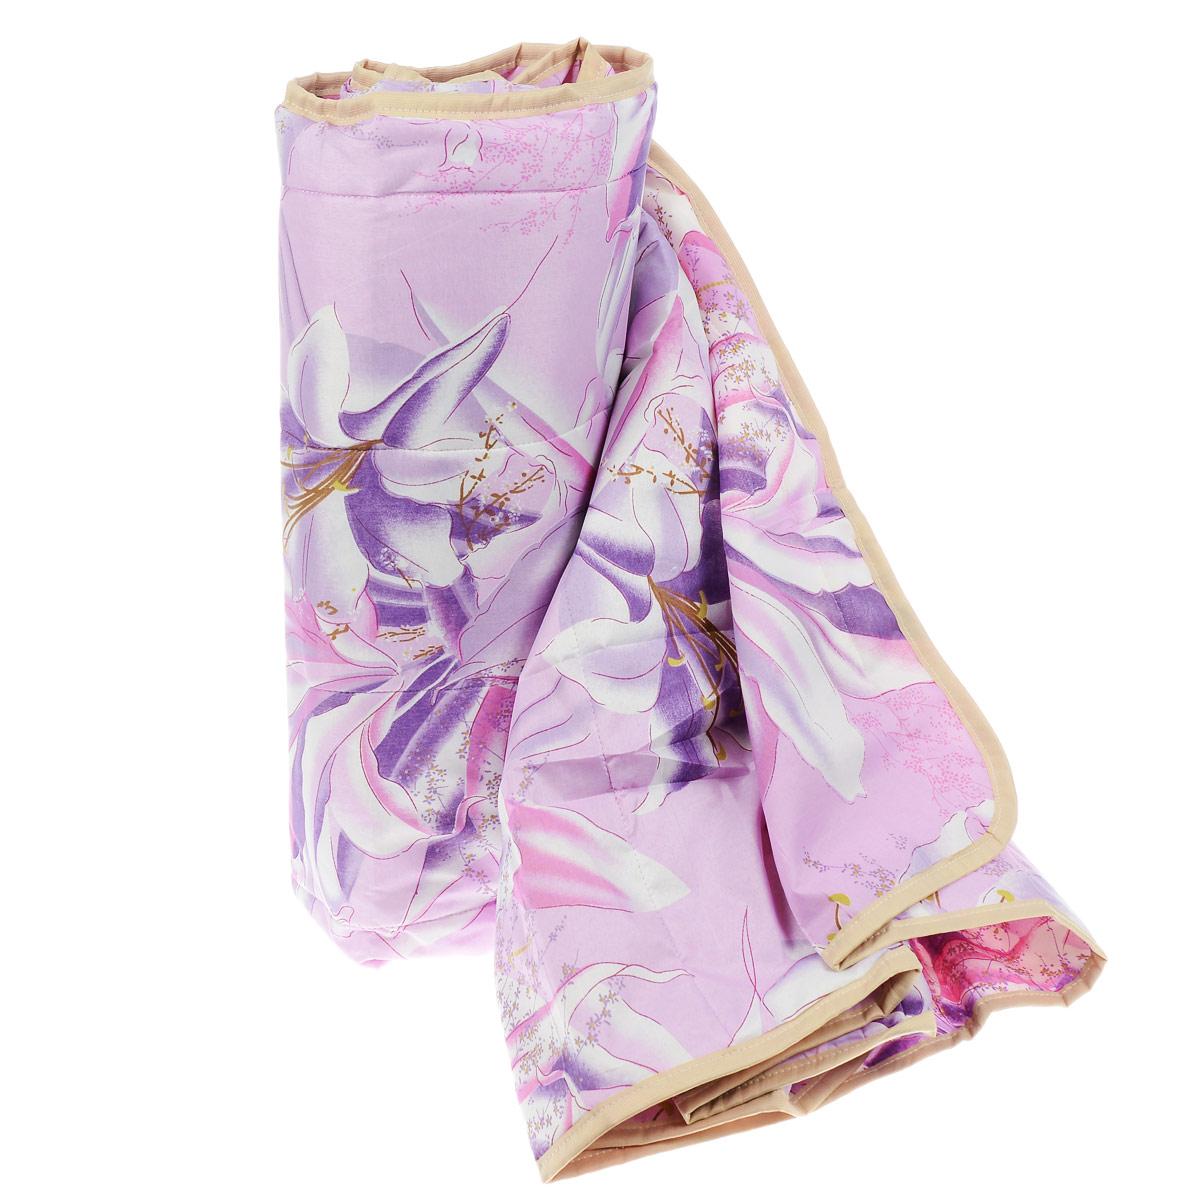 Одеяло летнее OL-Tex Miotex, наполнитель: полиэфирное волокно Holfiteks, цвет: сиреневый, 172 х 205 смМХПЭ-18-1 сиреневыйЛегкое летнее одеяло OL-Tex Miotex создаст комфорт и уют во время сна. Чехол выполнен из полиэстера и оформлен красочным цветочным рисунком. Внутри - современный наполнитель из полиэфирного высокосиликонизированного волокна Holfiteks, упругий и качественный. Прекрасно держит тепло. Одеяло с наполнителем Holfiteks легкое и комфортное. Даже после многократных стирок не теряет свою форму, наполнитель не сбивается, так как одеяло простегано и окантовано. Не вызывает аллергии. Holfiteks - это возможность легко ухаживать за своими постельными принадлежностями. Можно стирать в машинке, изделия быстро и полностью высыхают - это обеспечивает гигиену спального места при невысокой цене на продукцию. Рекомендации по уходу: - Ручная и машинная стирка при температуре 30°С. - Не гладить. - Не отбеливать. - Нельзя отжимать и сушить в стиральной машине. - Сушить вертикально. Размер одеяла: 172 см х 205 см. Материал чехла: 100% полиэстер. ...